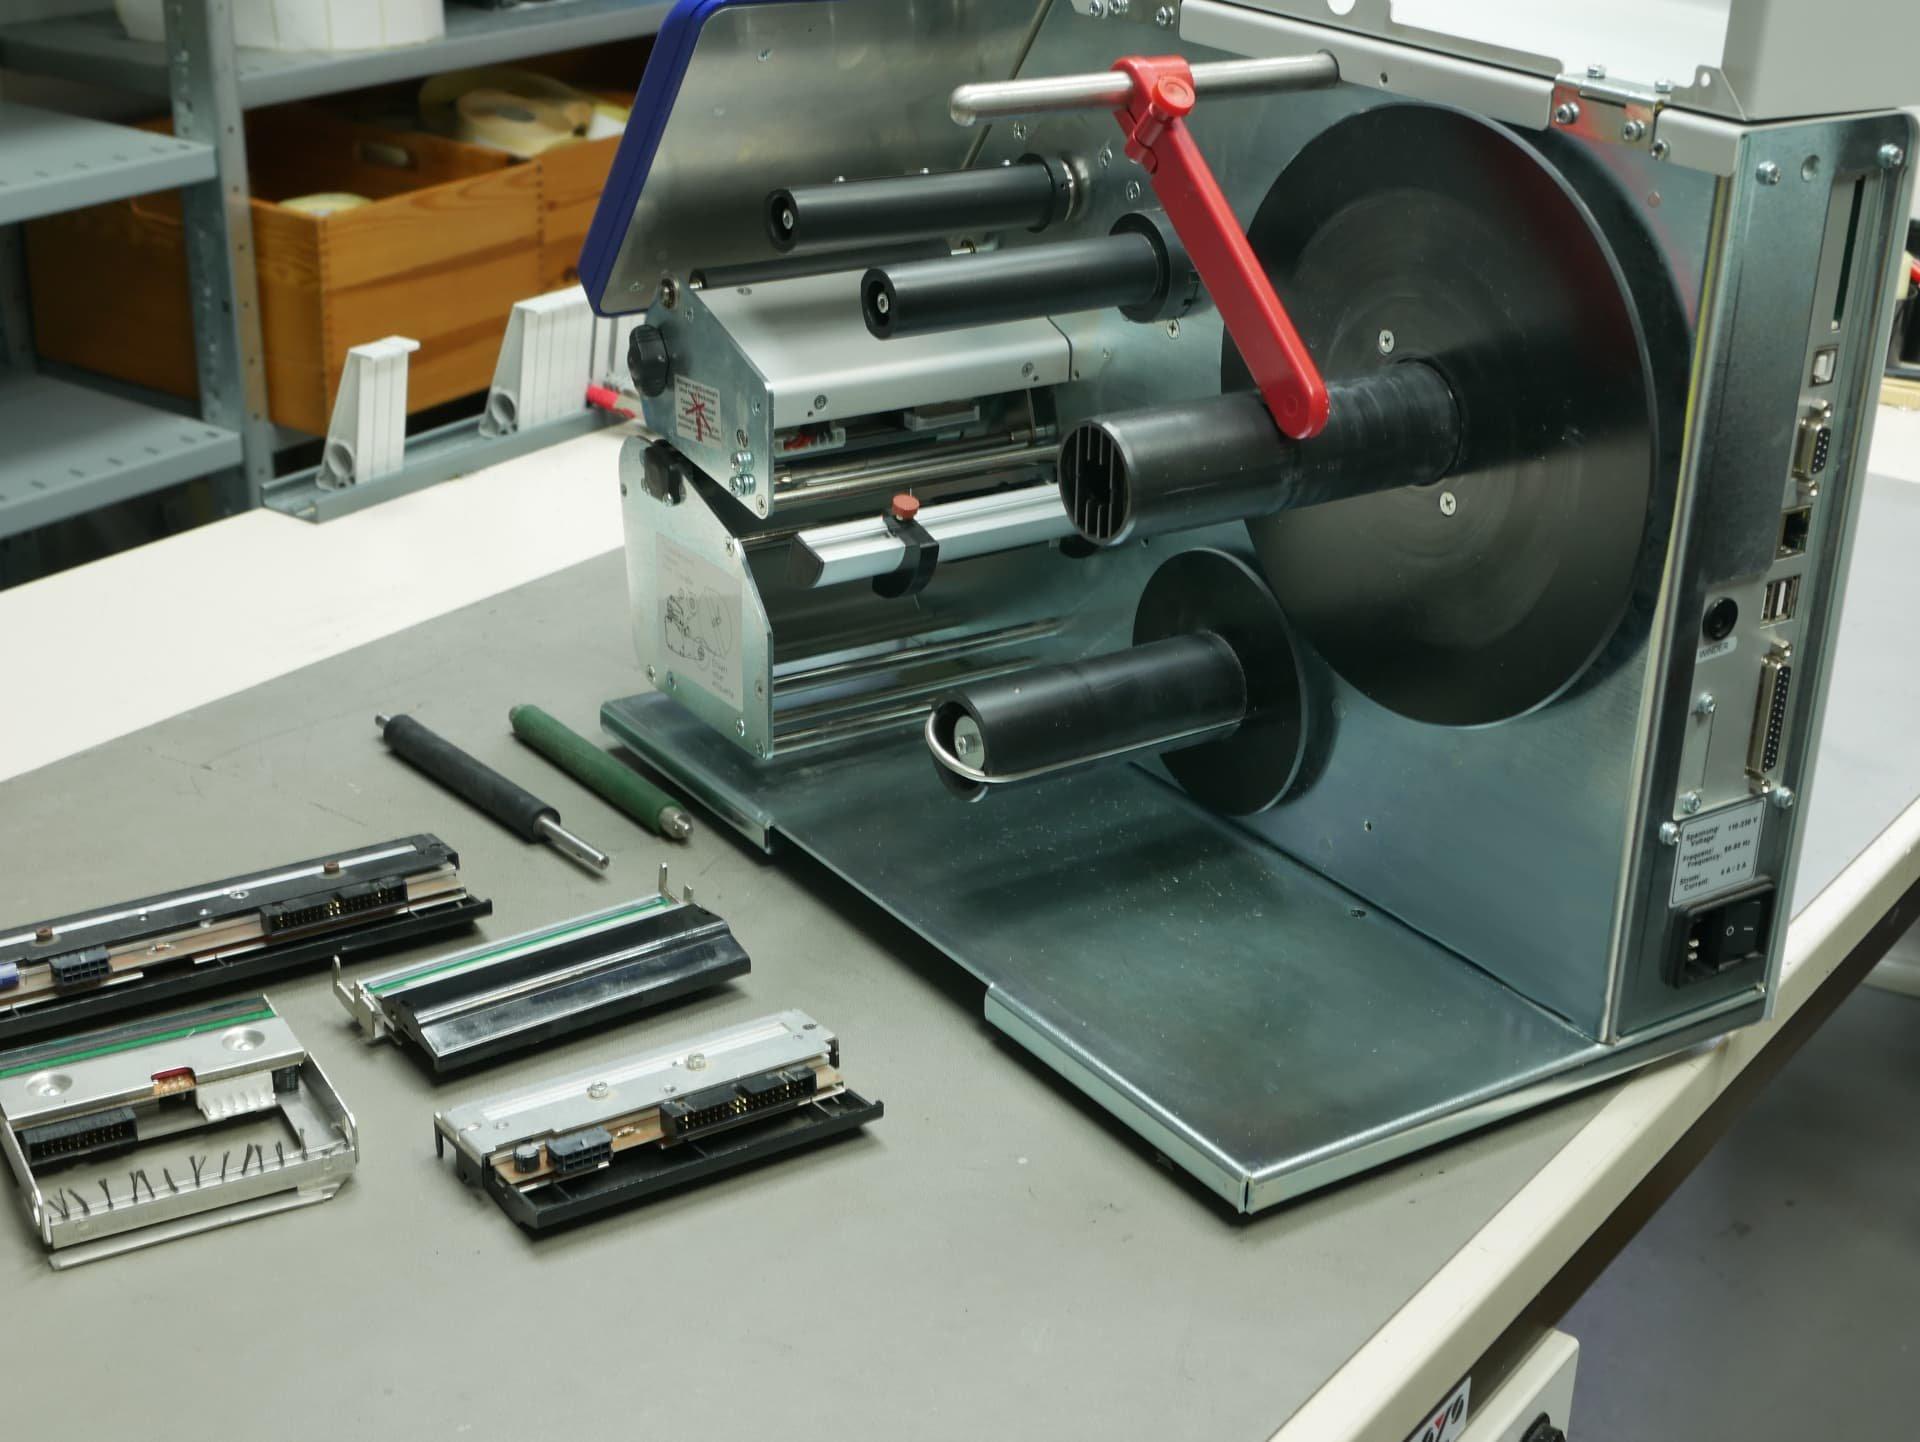 Reparatur von Etikettendruckern